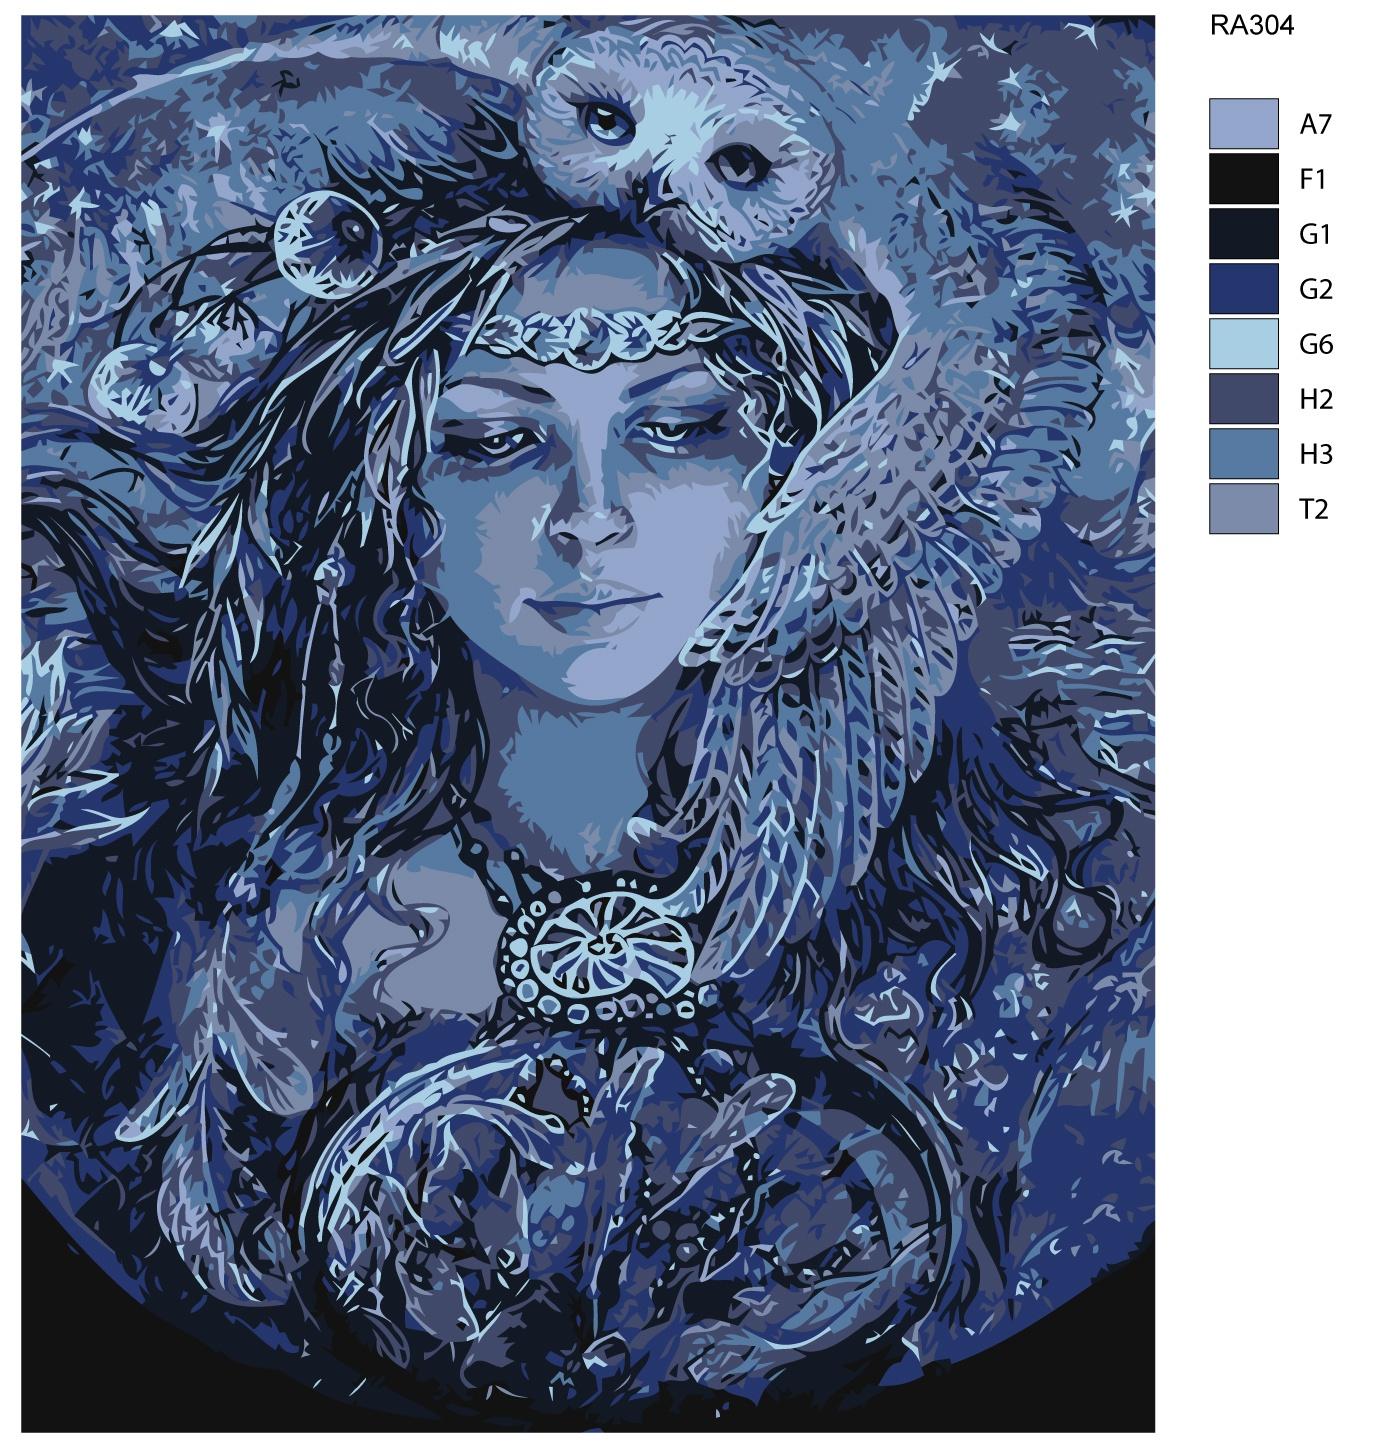 Картина по номерам, 80 x 100 см, RA304